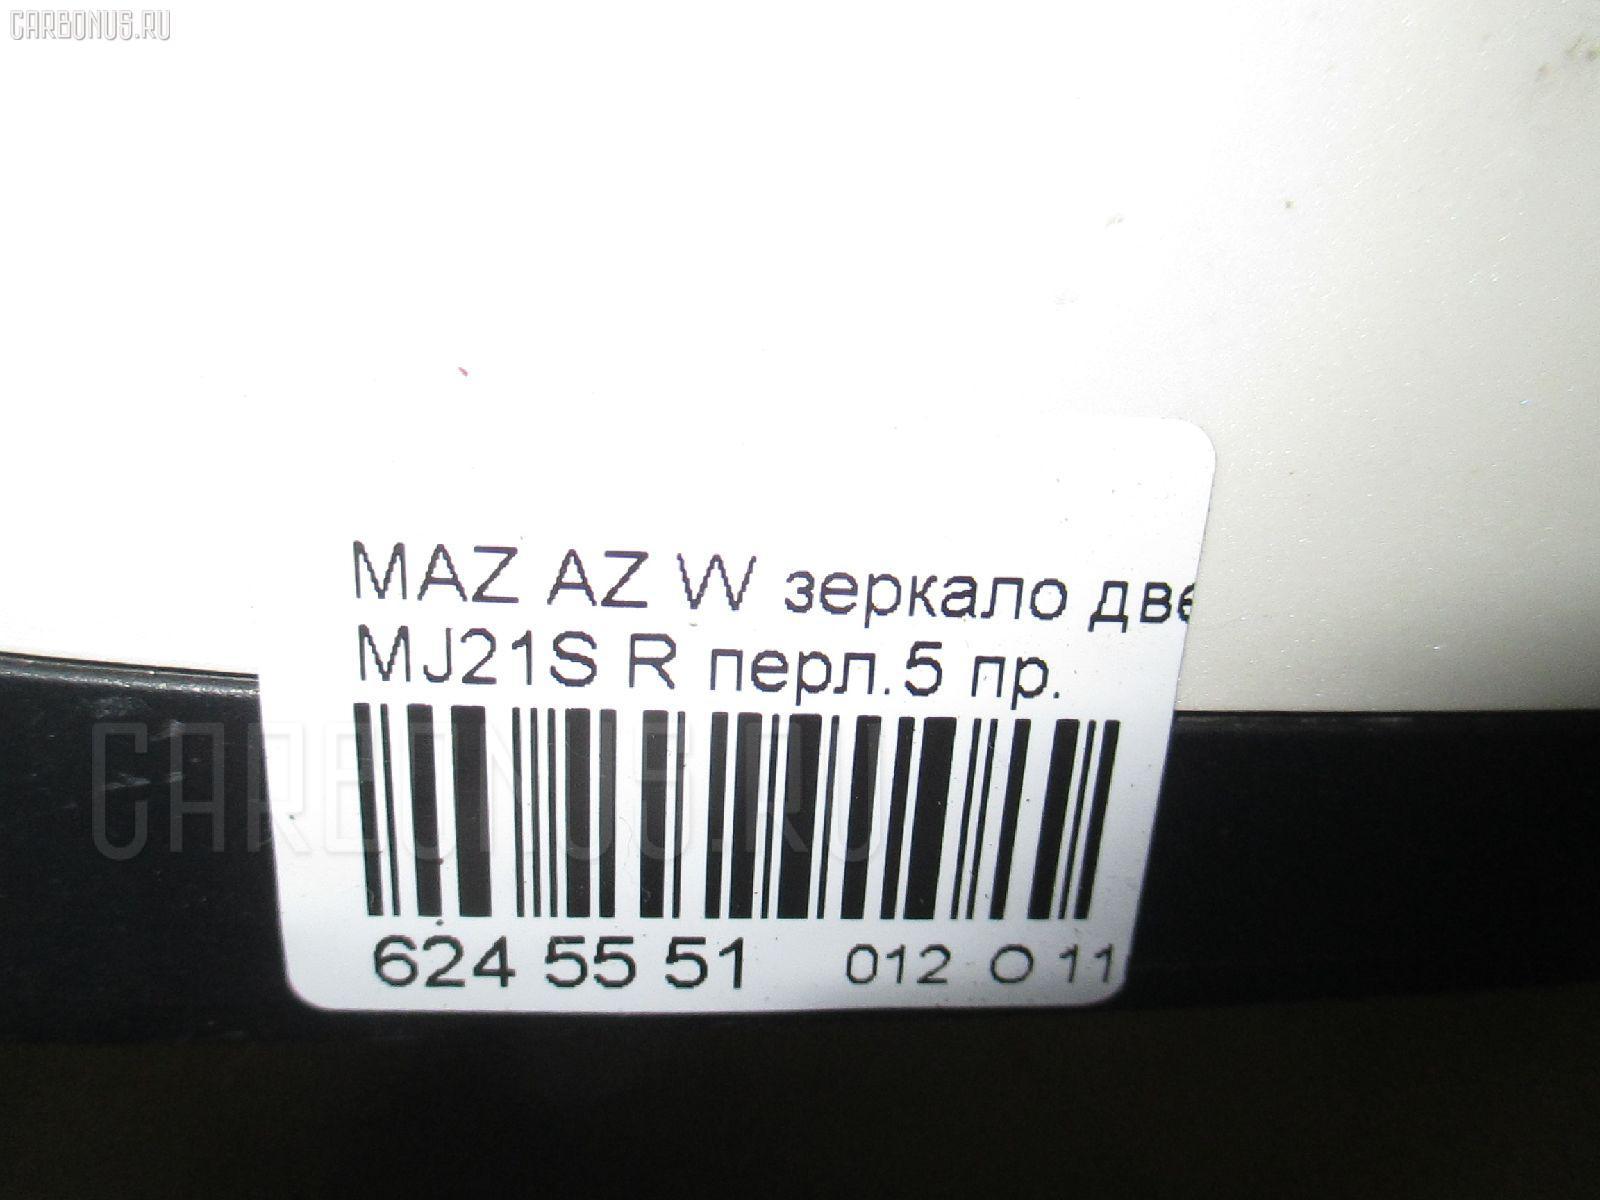 Зеркало двери боковой MAZDA AZ WAGON MJ21S Фото 3